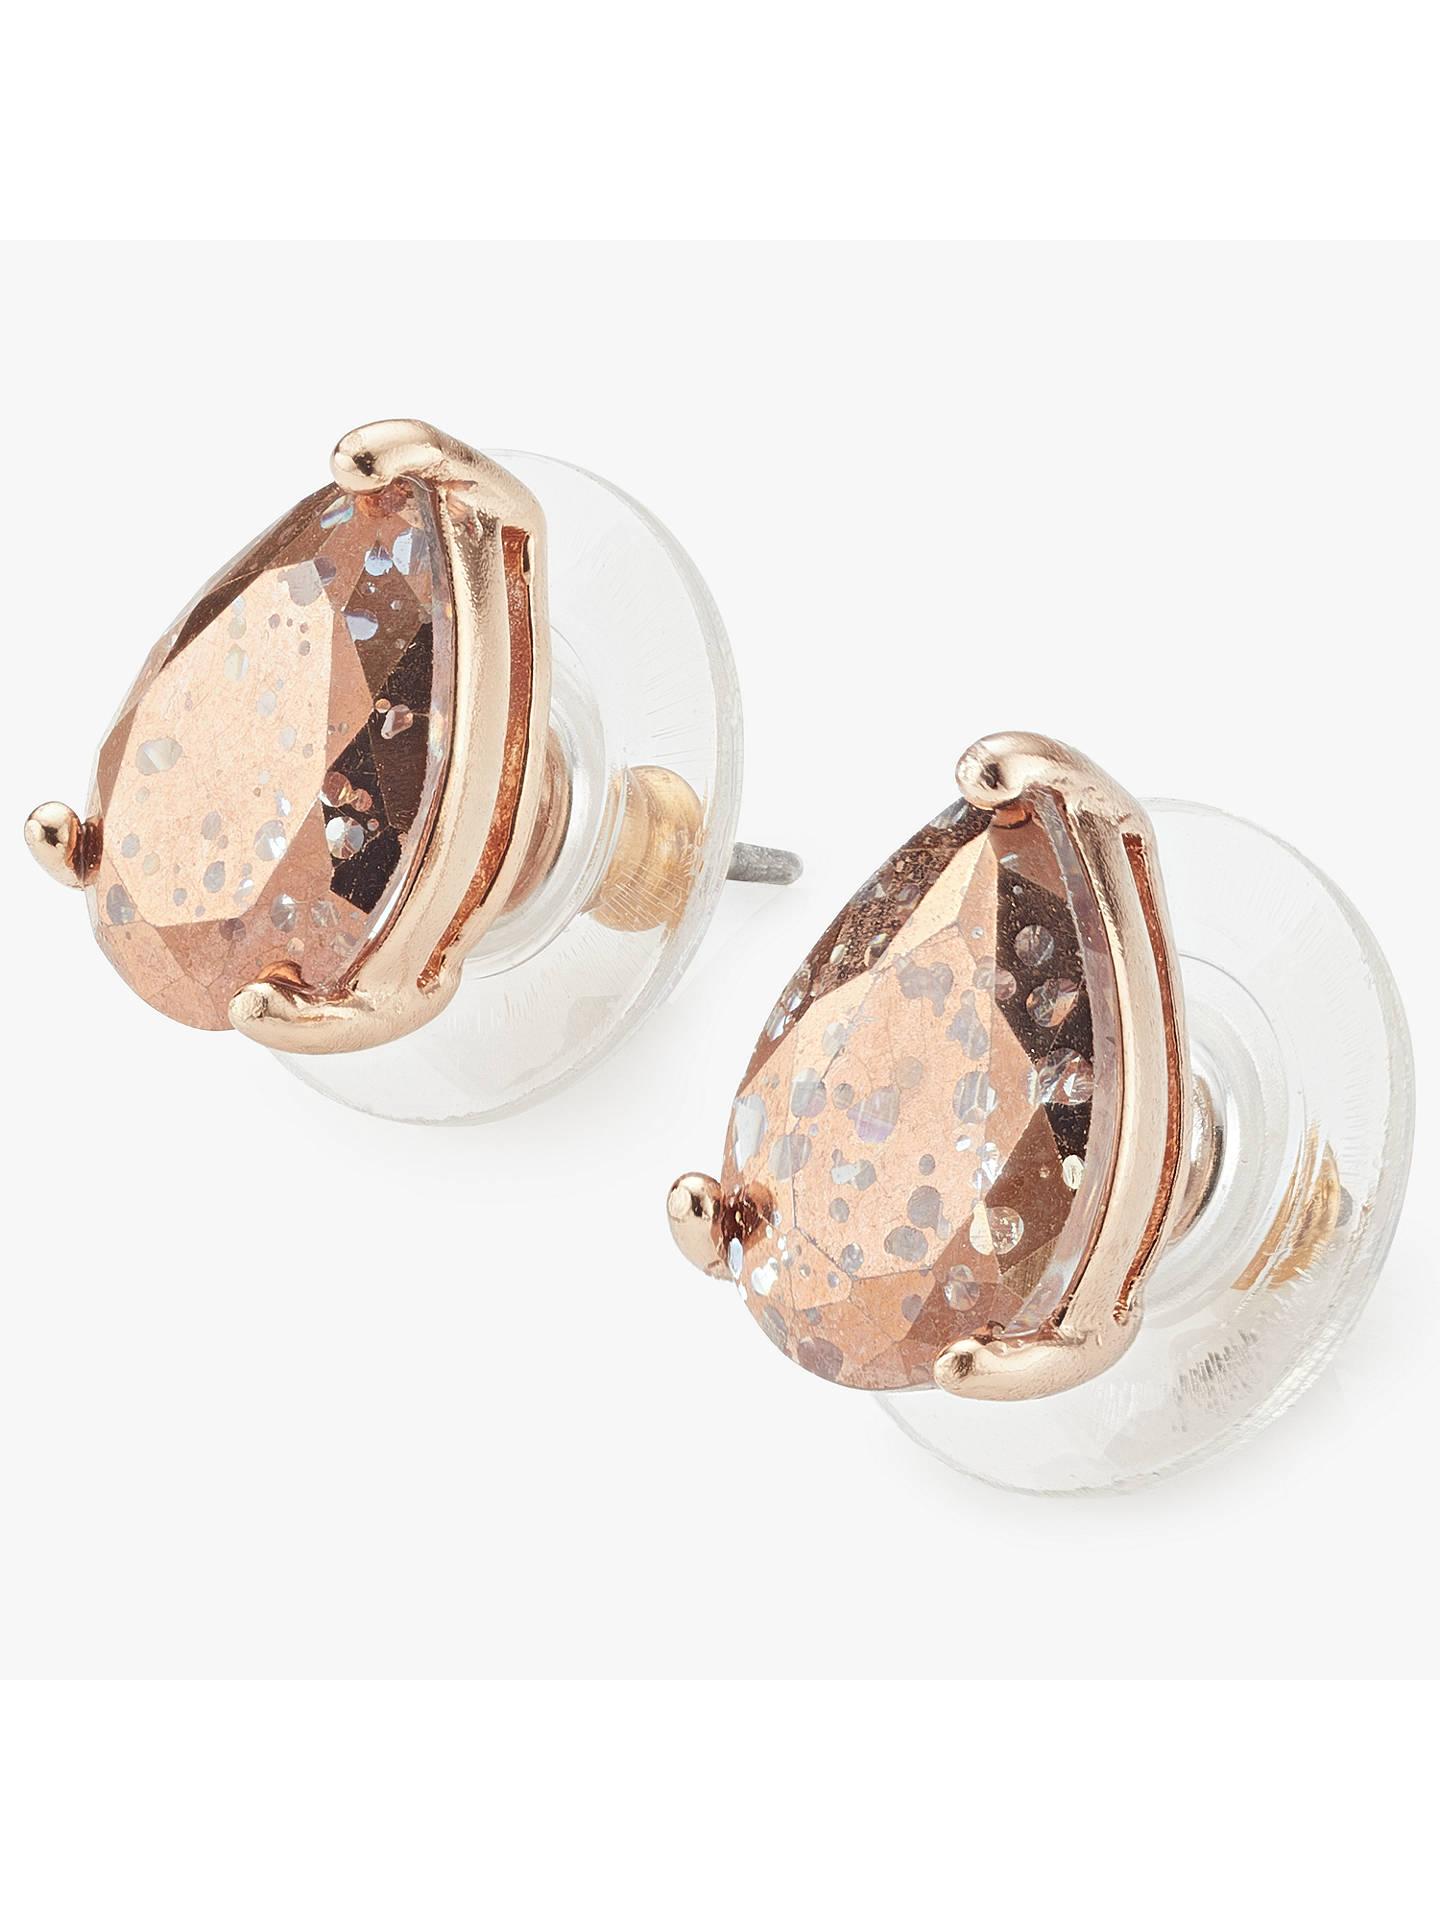 kate spade new york Teardrop Stud Earrings, Rose Gold/Pink Glitter ...